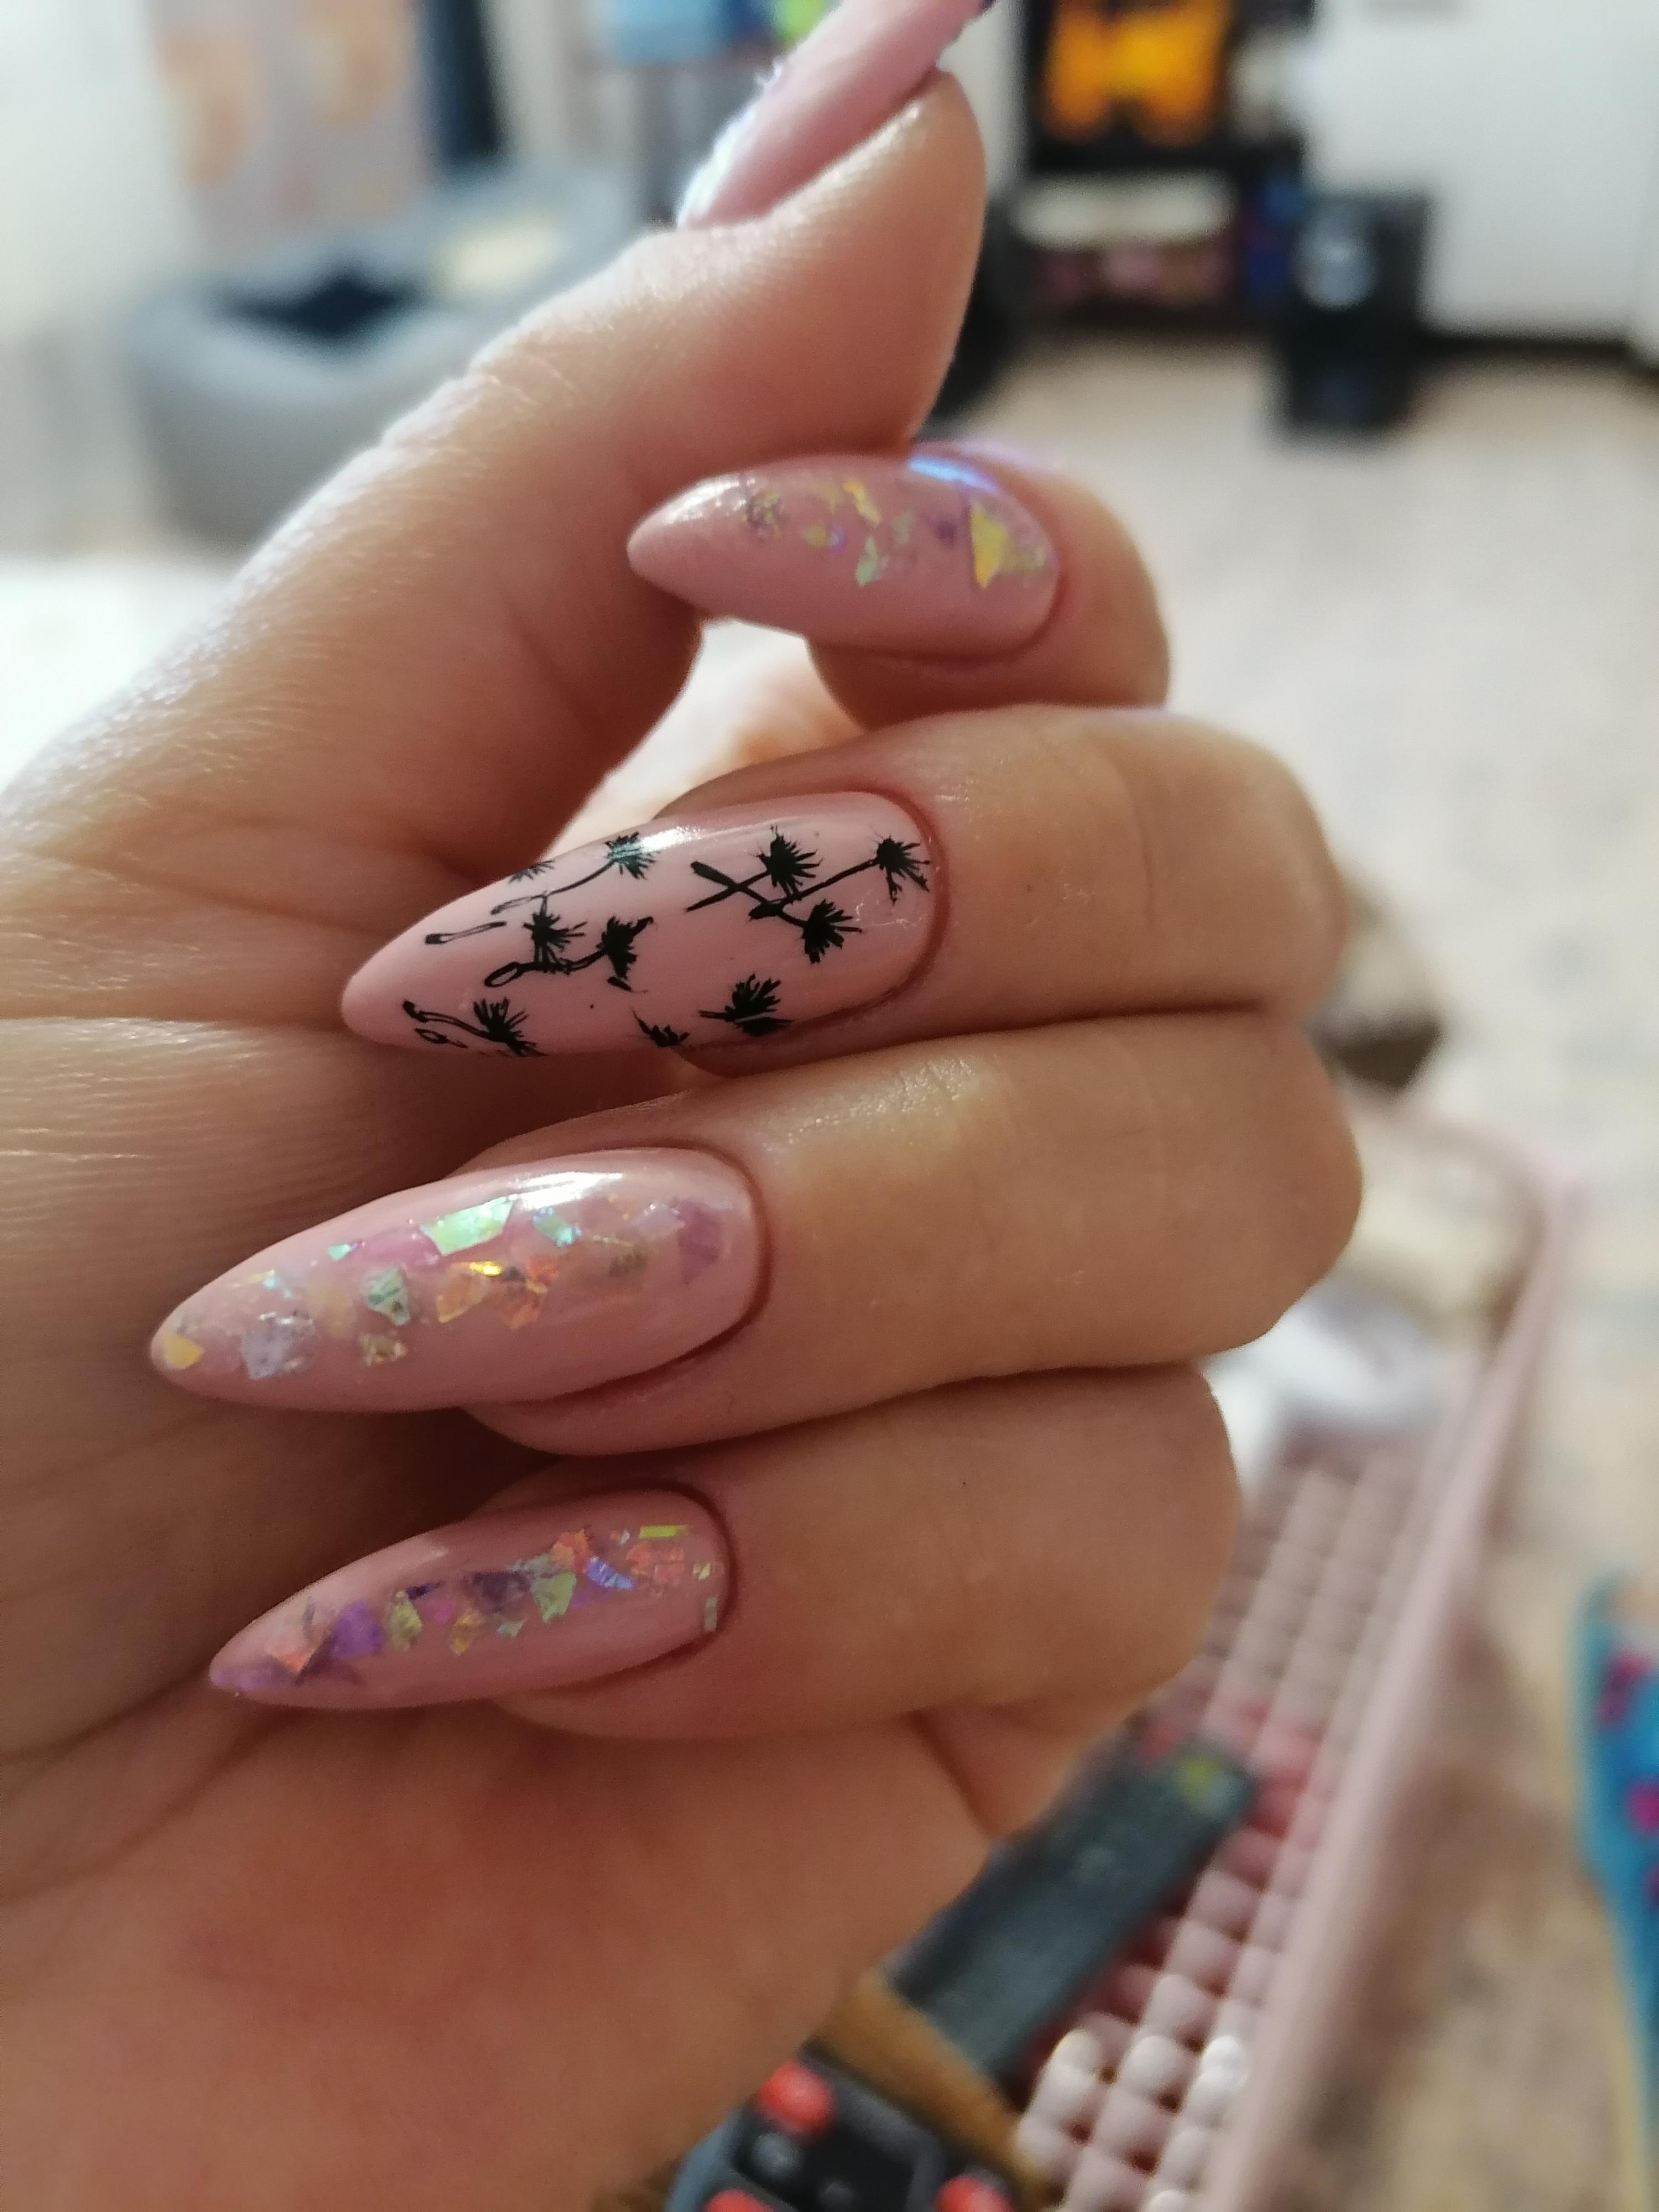 Маникюр с одуванчиками и дизайном битое стекло в розовом цвете на длинные ногти.